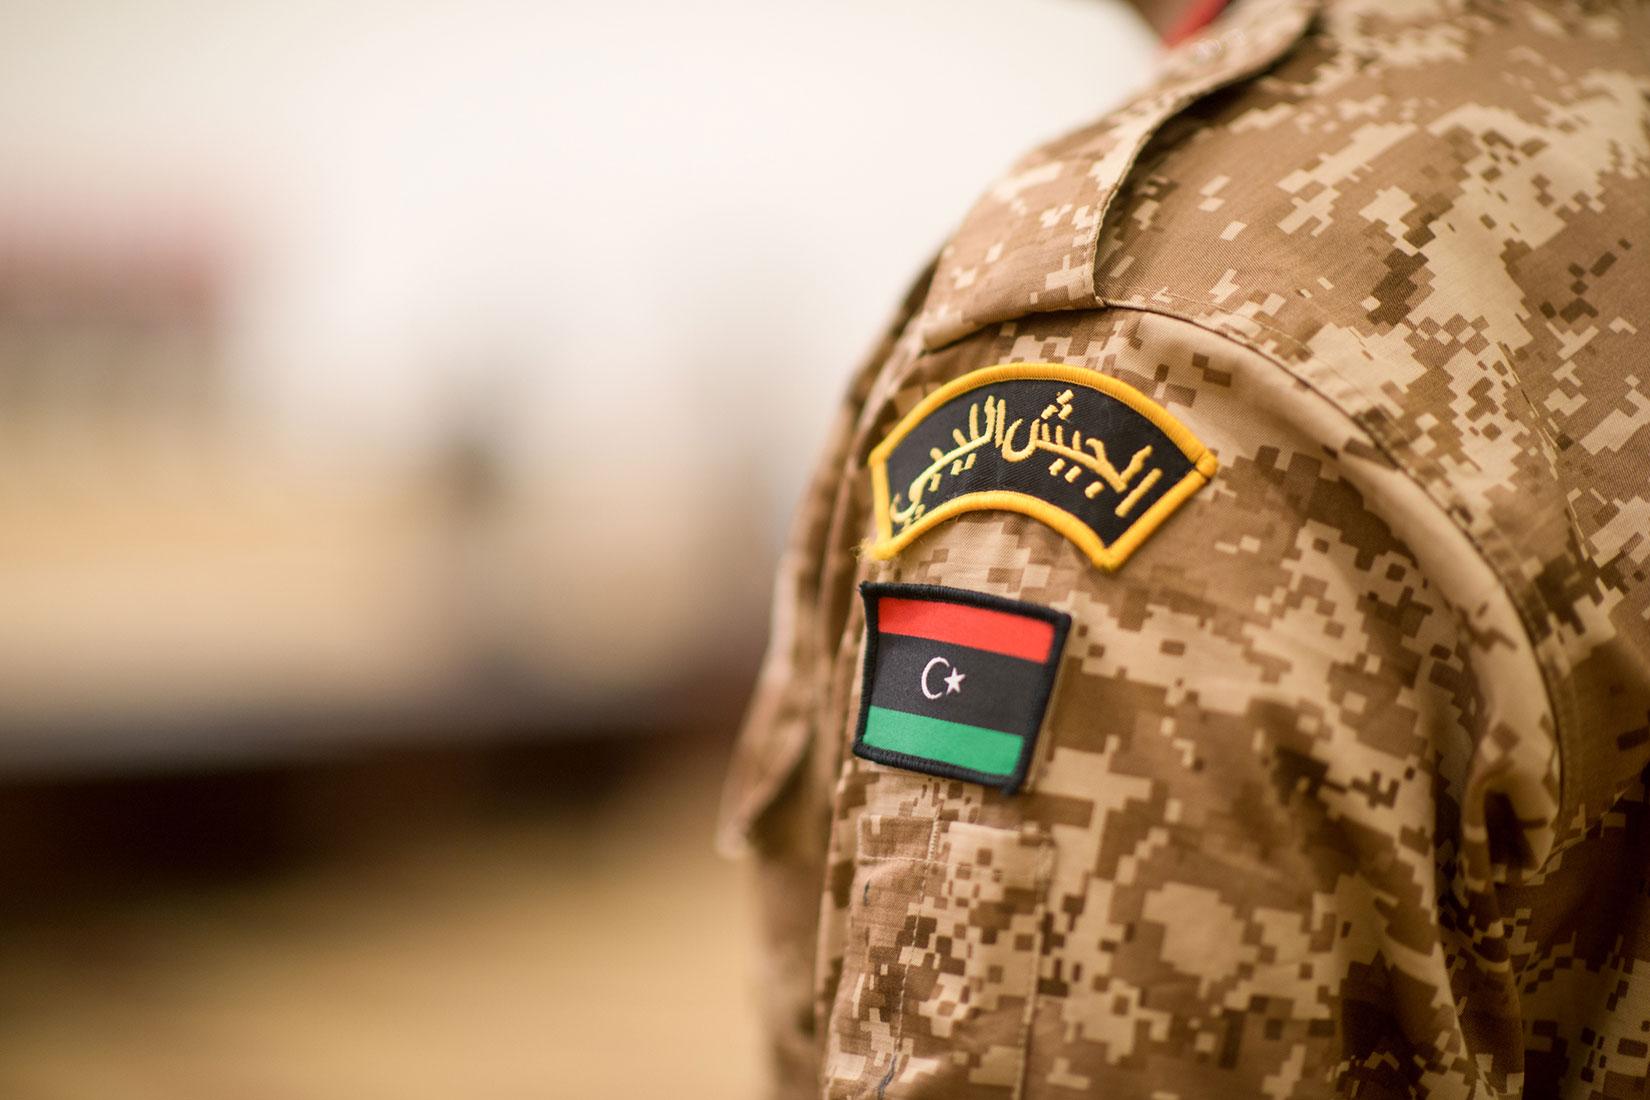 緊張高まるリビア紛争Ⅰ-トルコ、ロシアの軍事介入